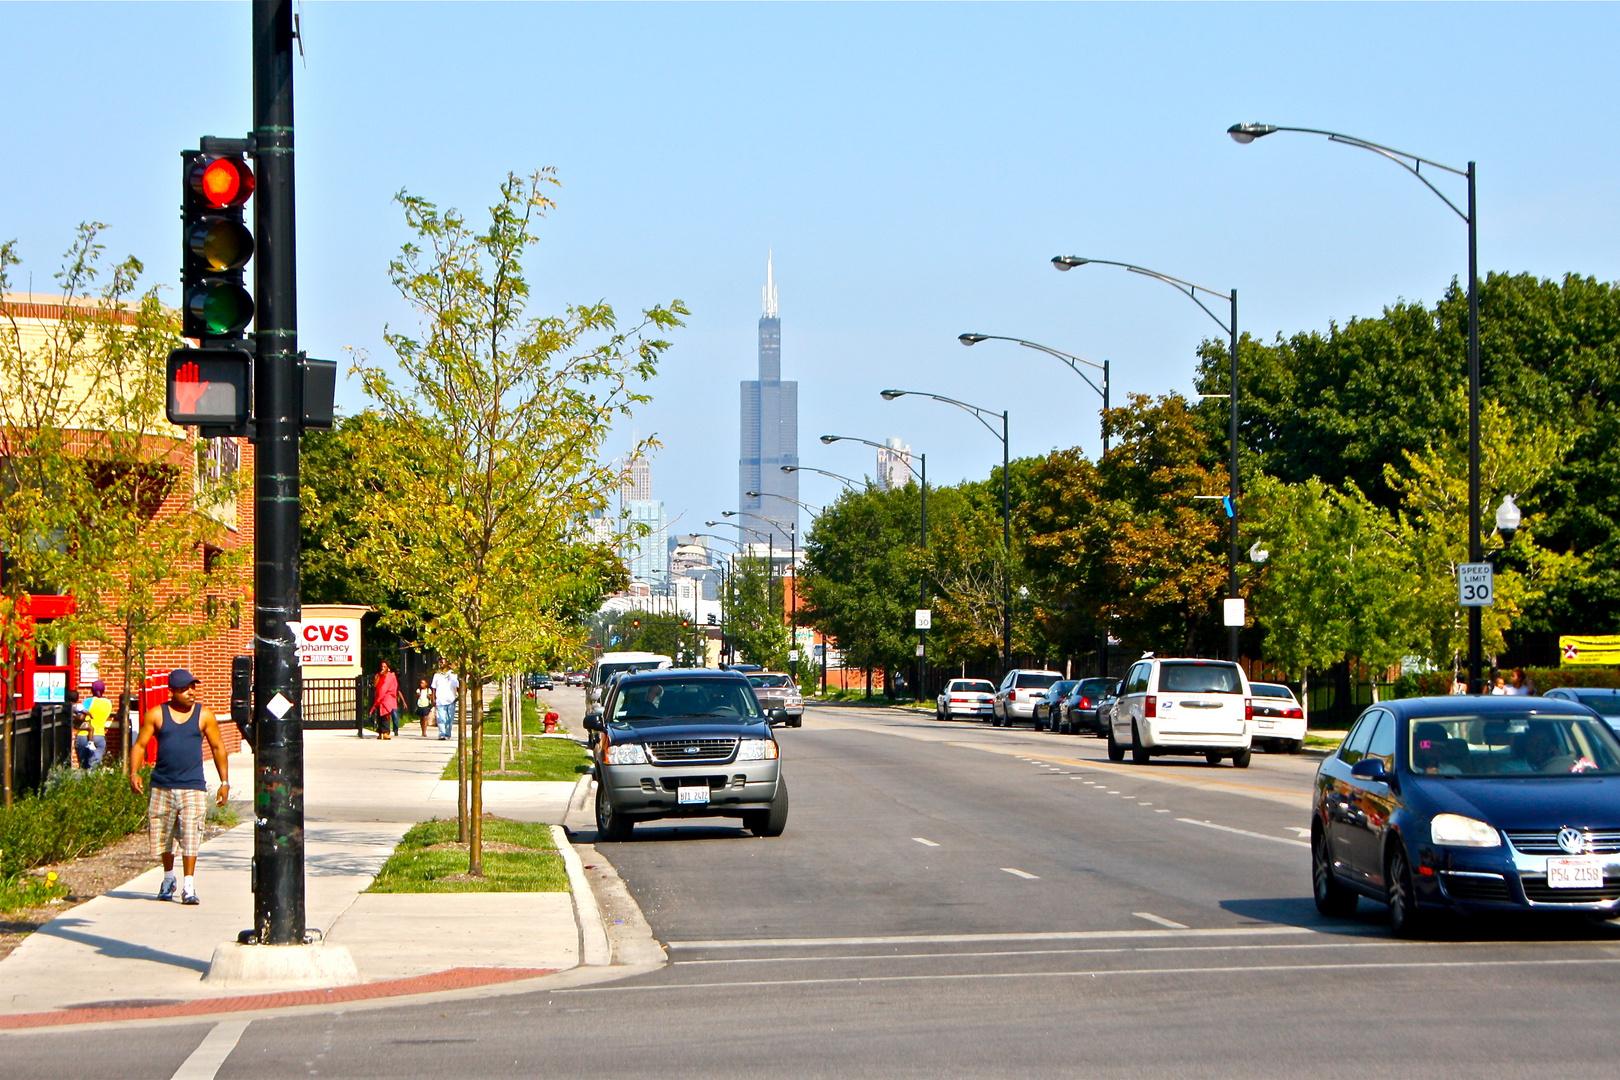 Chicago area